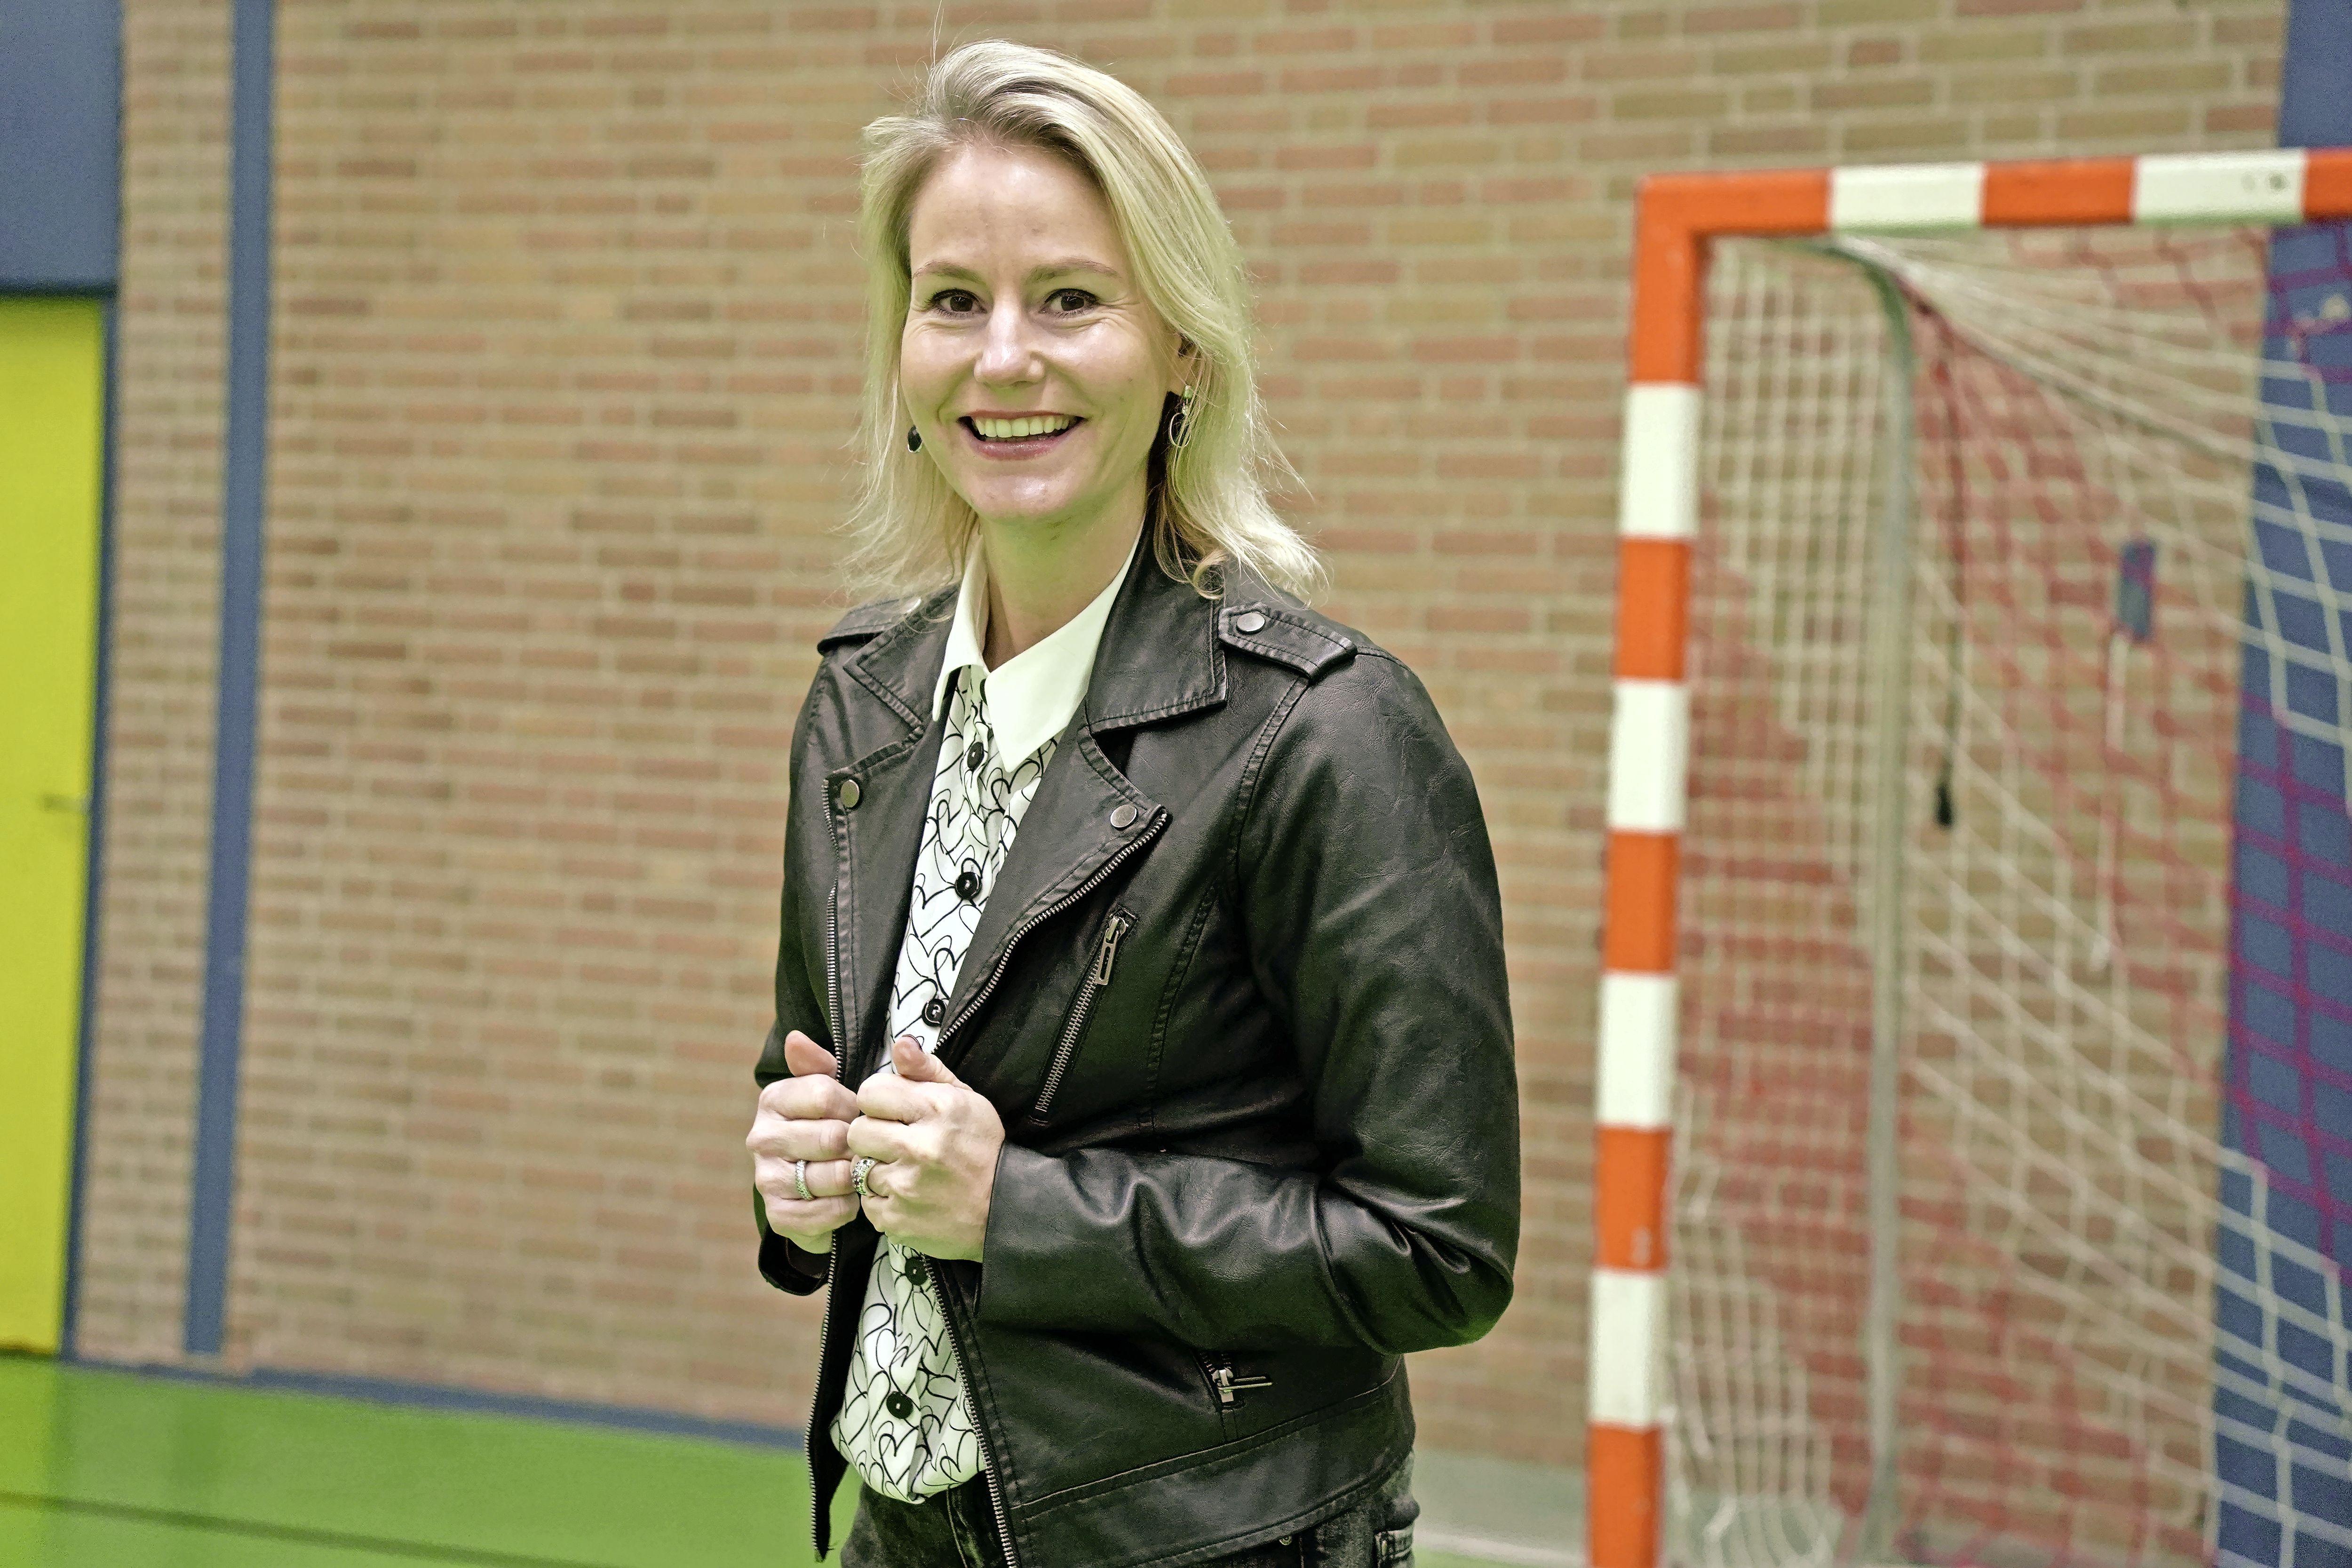 Jeanet van der Laan (41) hoopt een Kamerzetel te veroveren en gaat zich dan hardmaken voor sportbeleid. Plus: een overzicht van andere topsporters in de politiek [video]